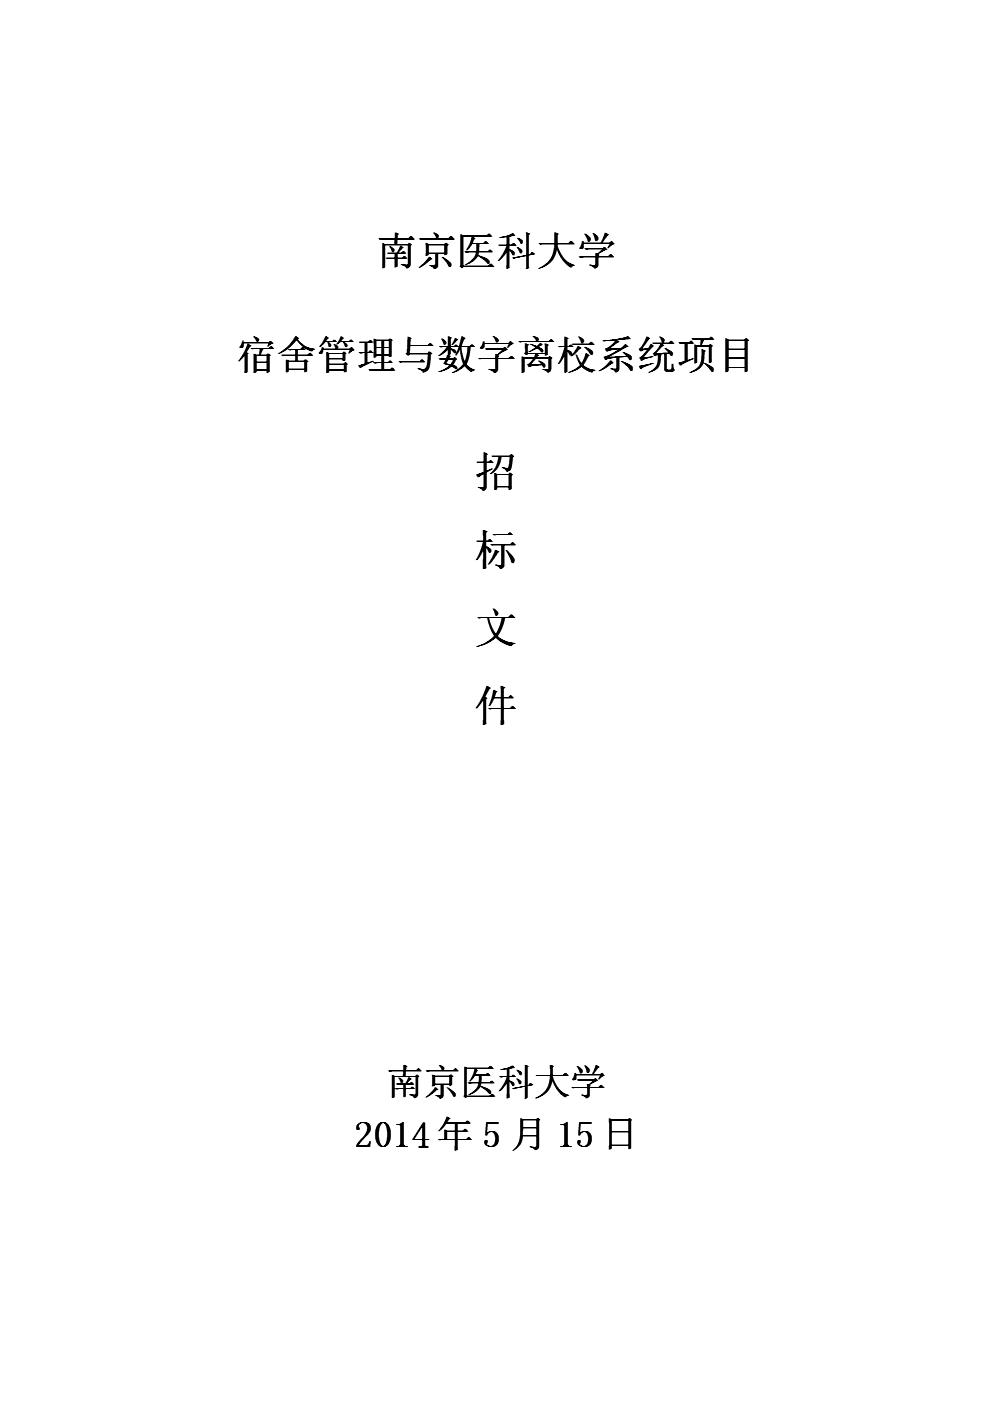 南京医科大学宿舍管理与数字离校系统项目招标